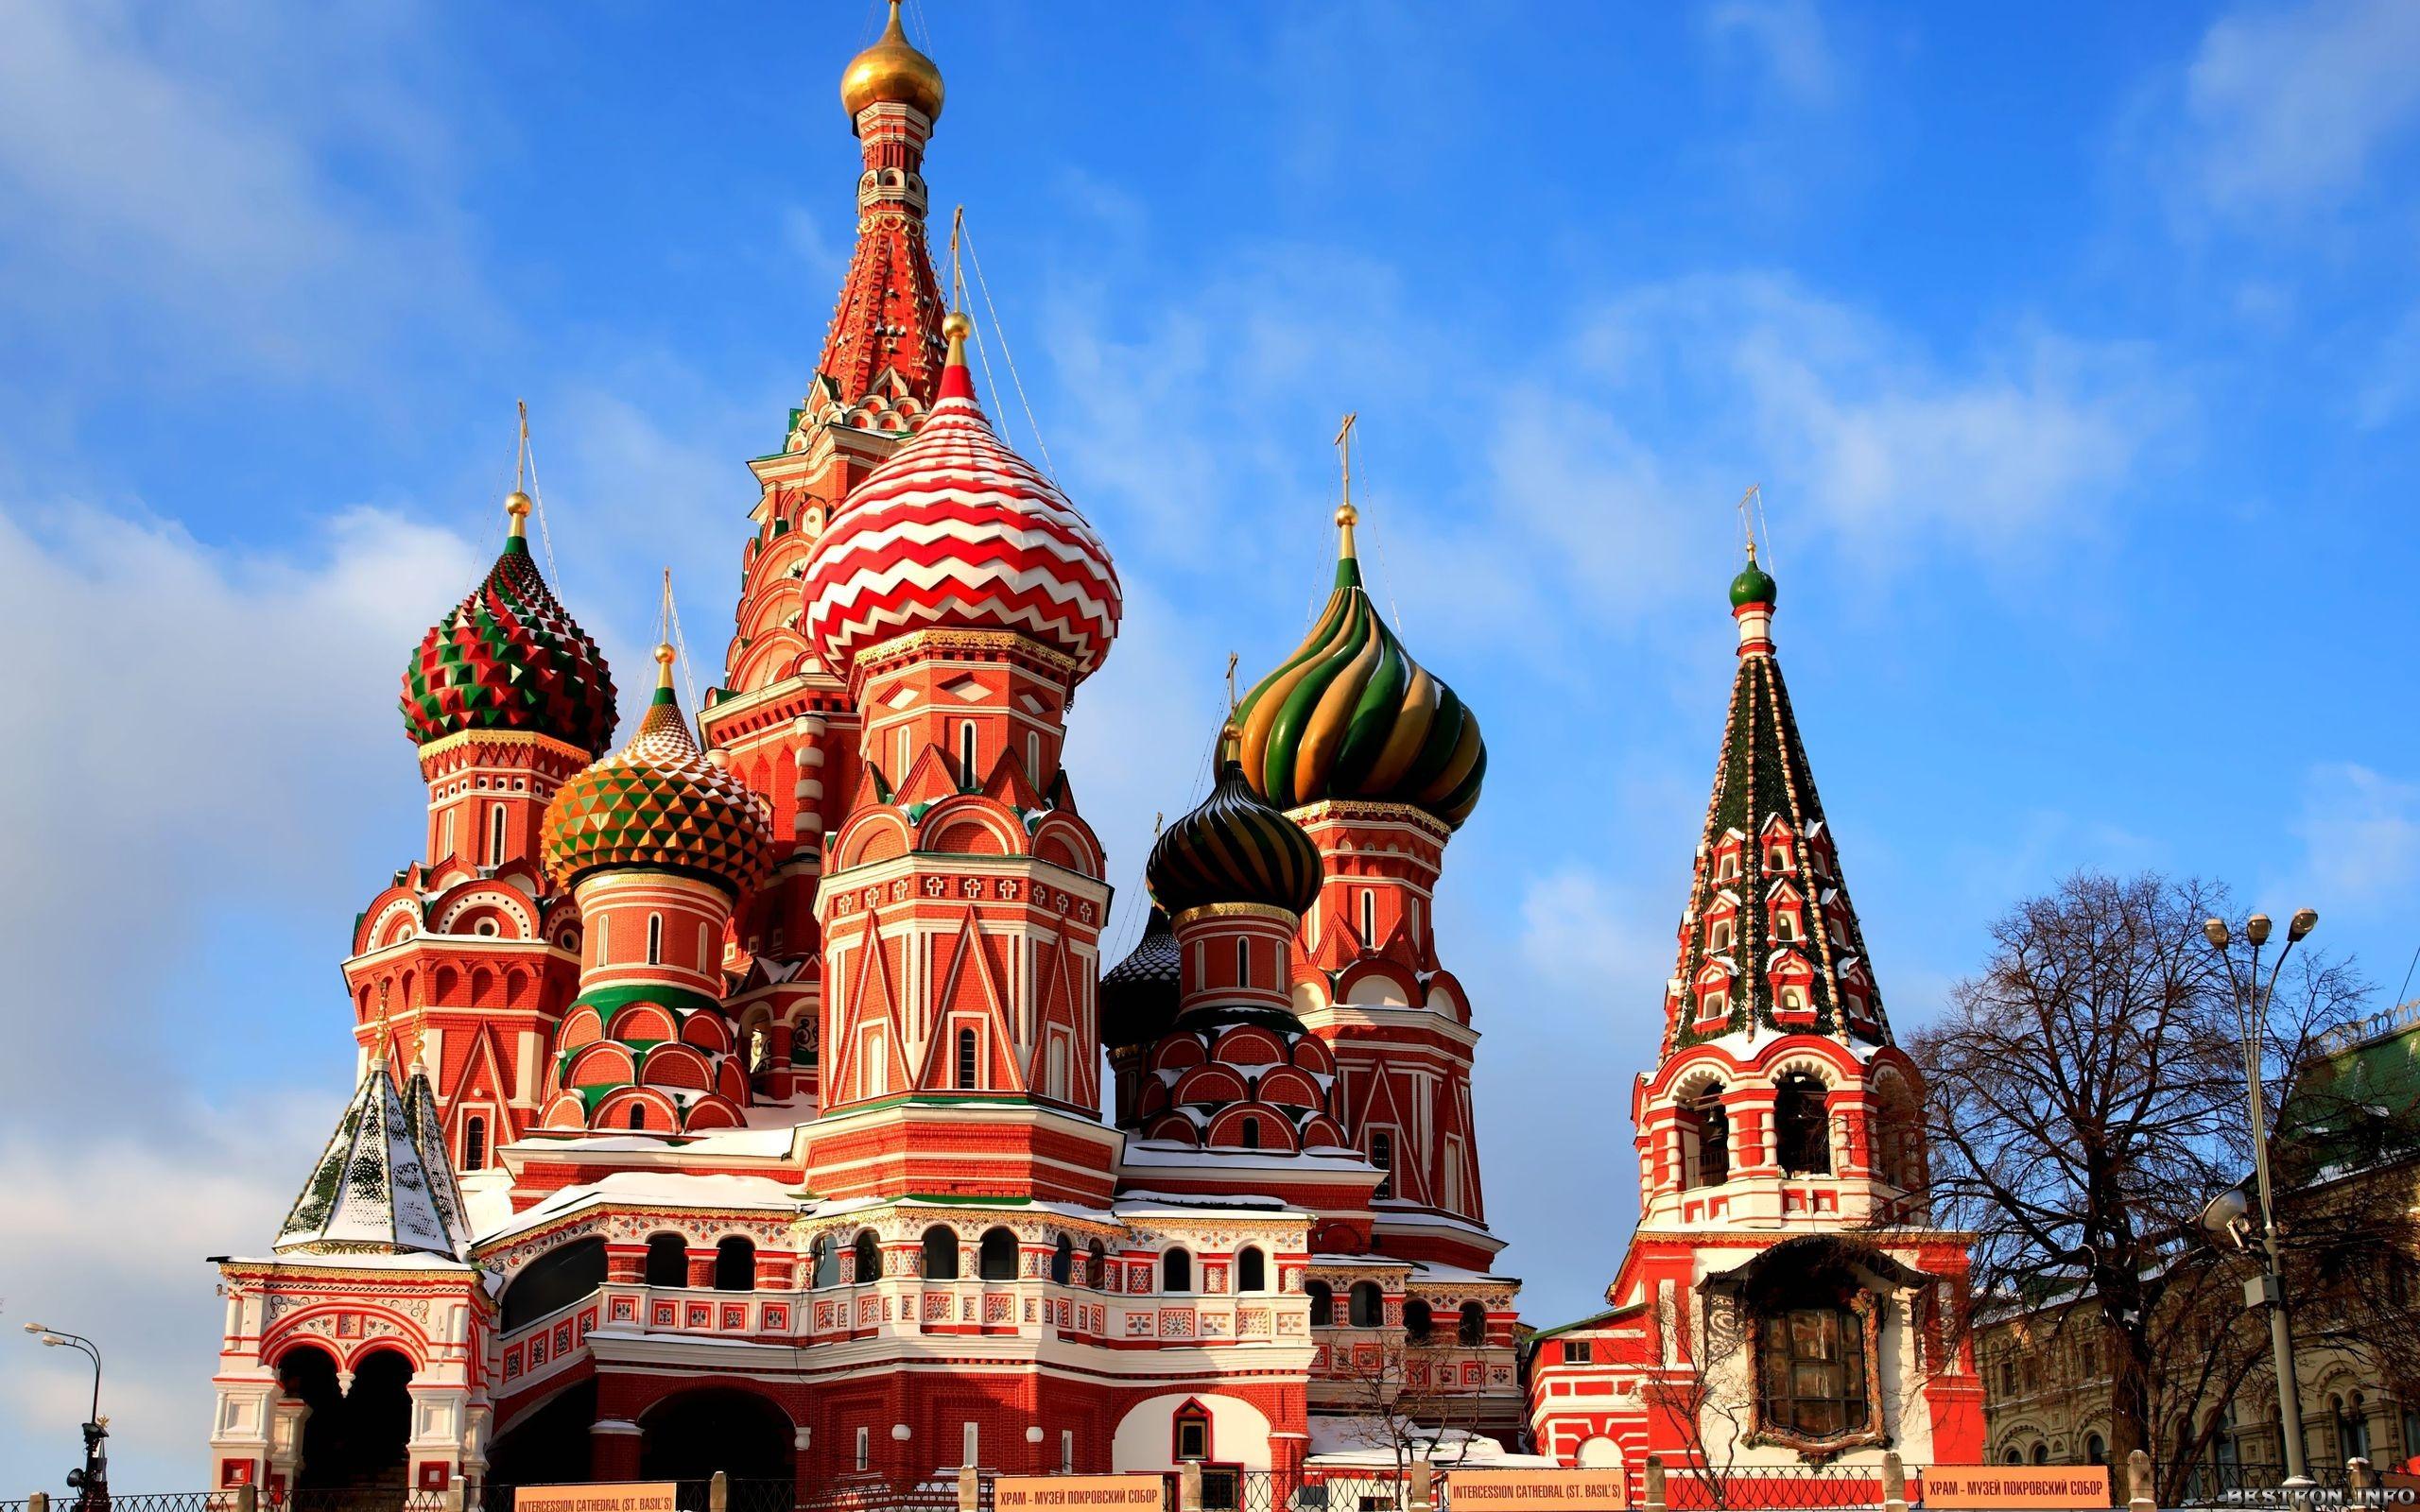 Es uno de los edificios más icónicos de Moscú en Rusia. Está ubicada en el corazón de la Plaza Roja, la plaza más famosa de Moscú en el barrio comercial conocido como Kitay-górod. Esta construcción cuyas cúpulas en forma de bulbo con colores vivos contrastan con sus paredes rojas, es reconocida mundialmente.